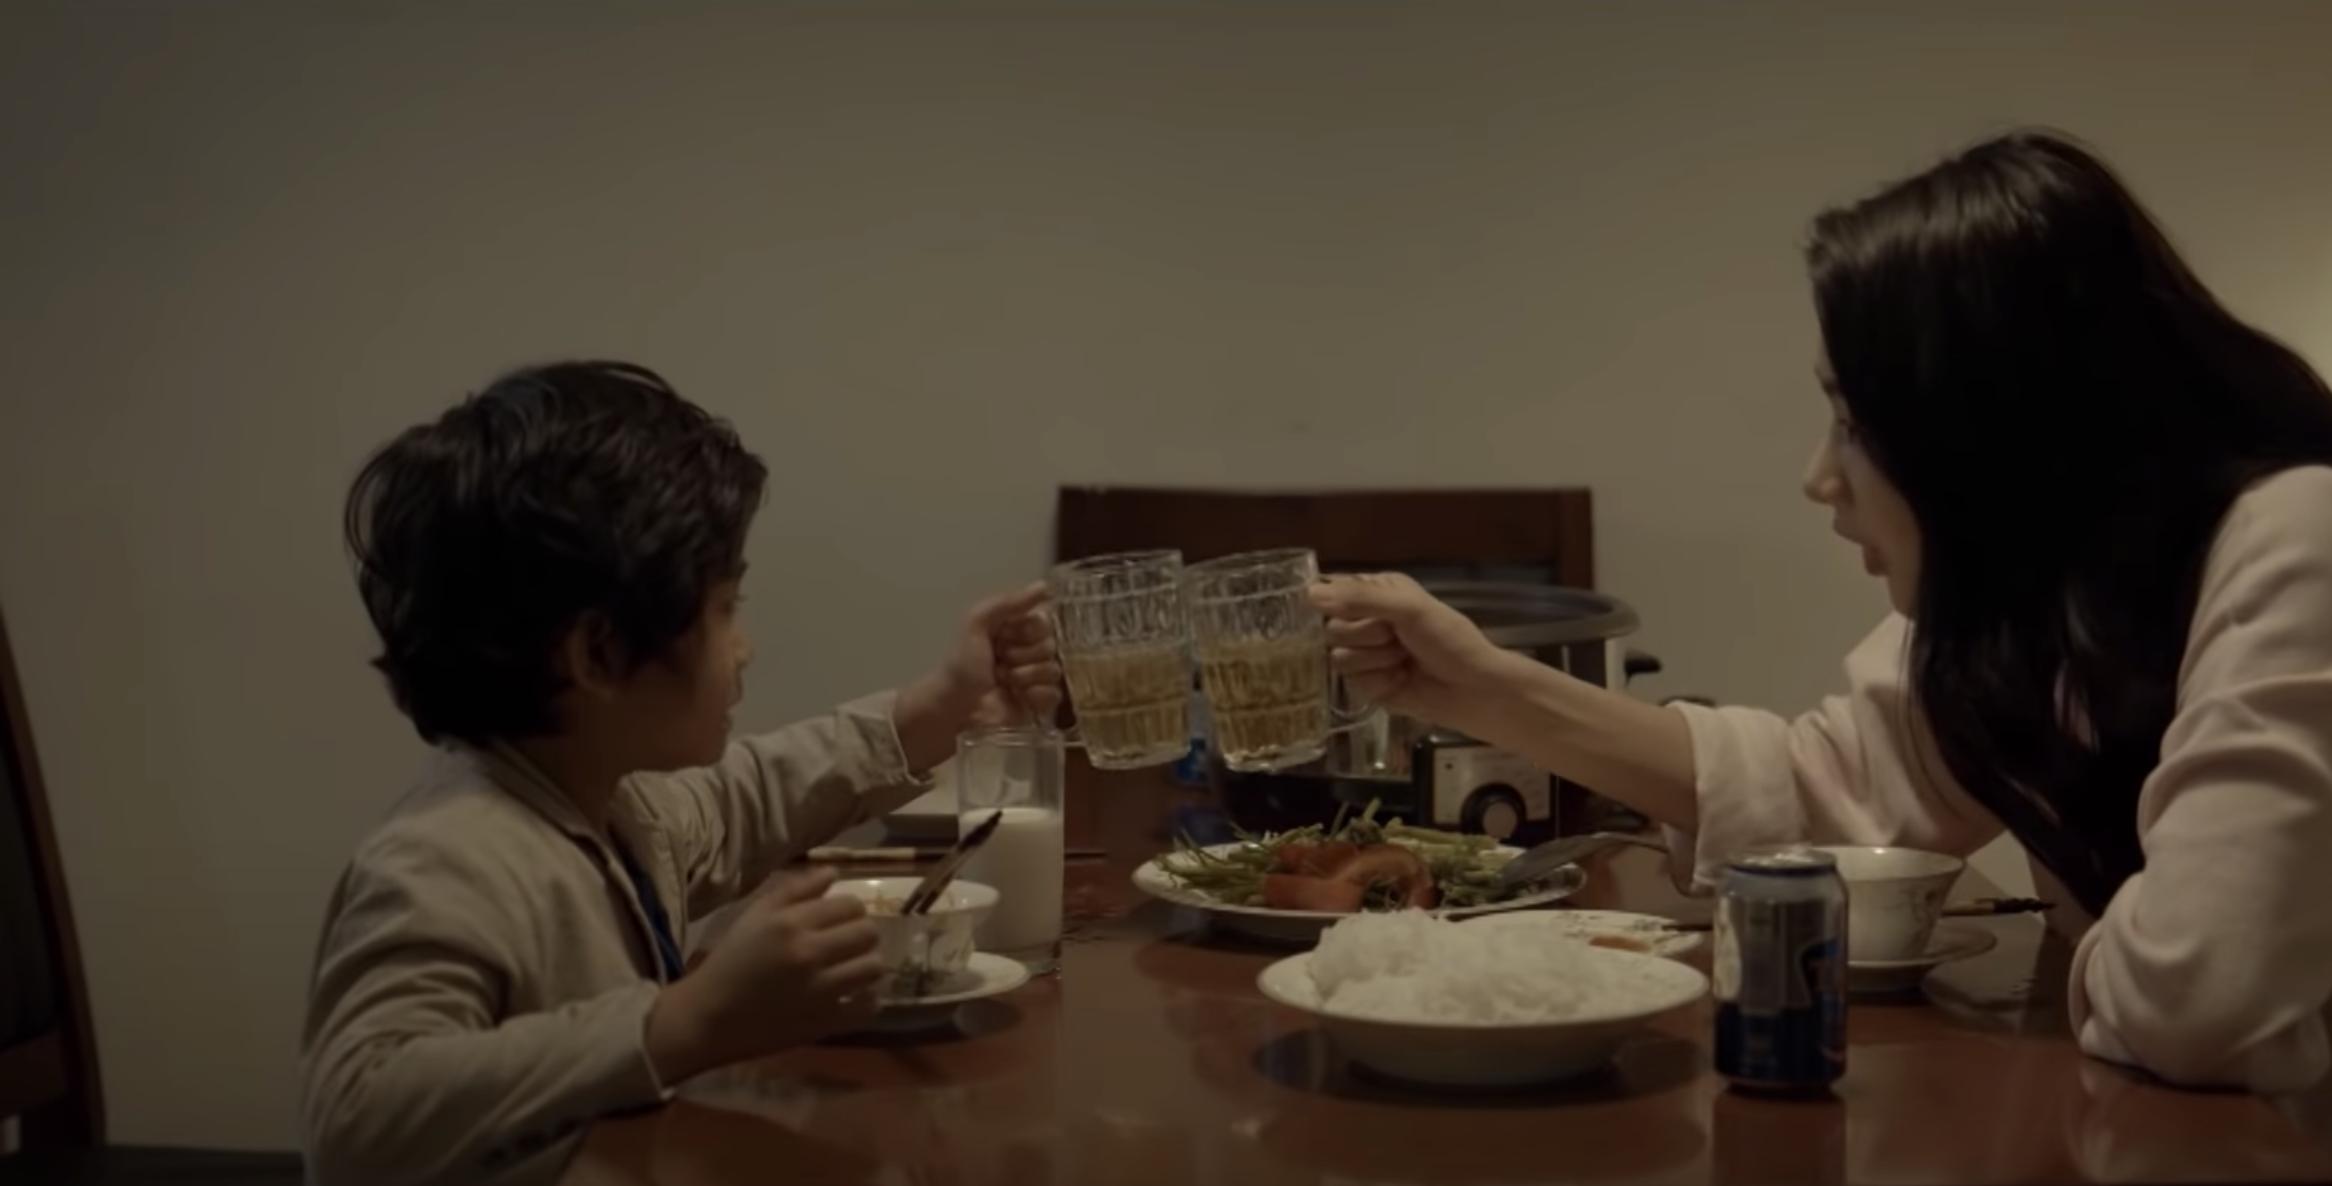 Từ đang uống sữa, nhân vật nhí bỗng bị nữ chính mời cụng ly bia.